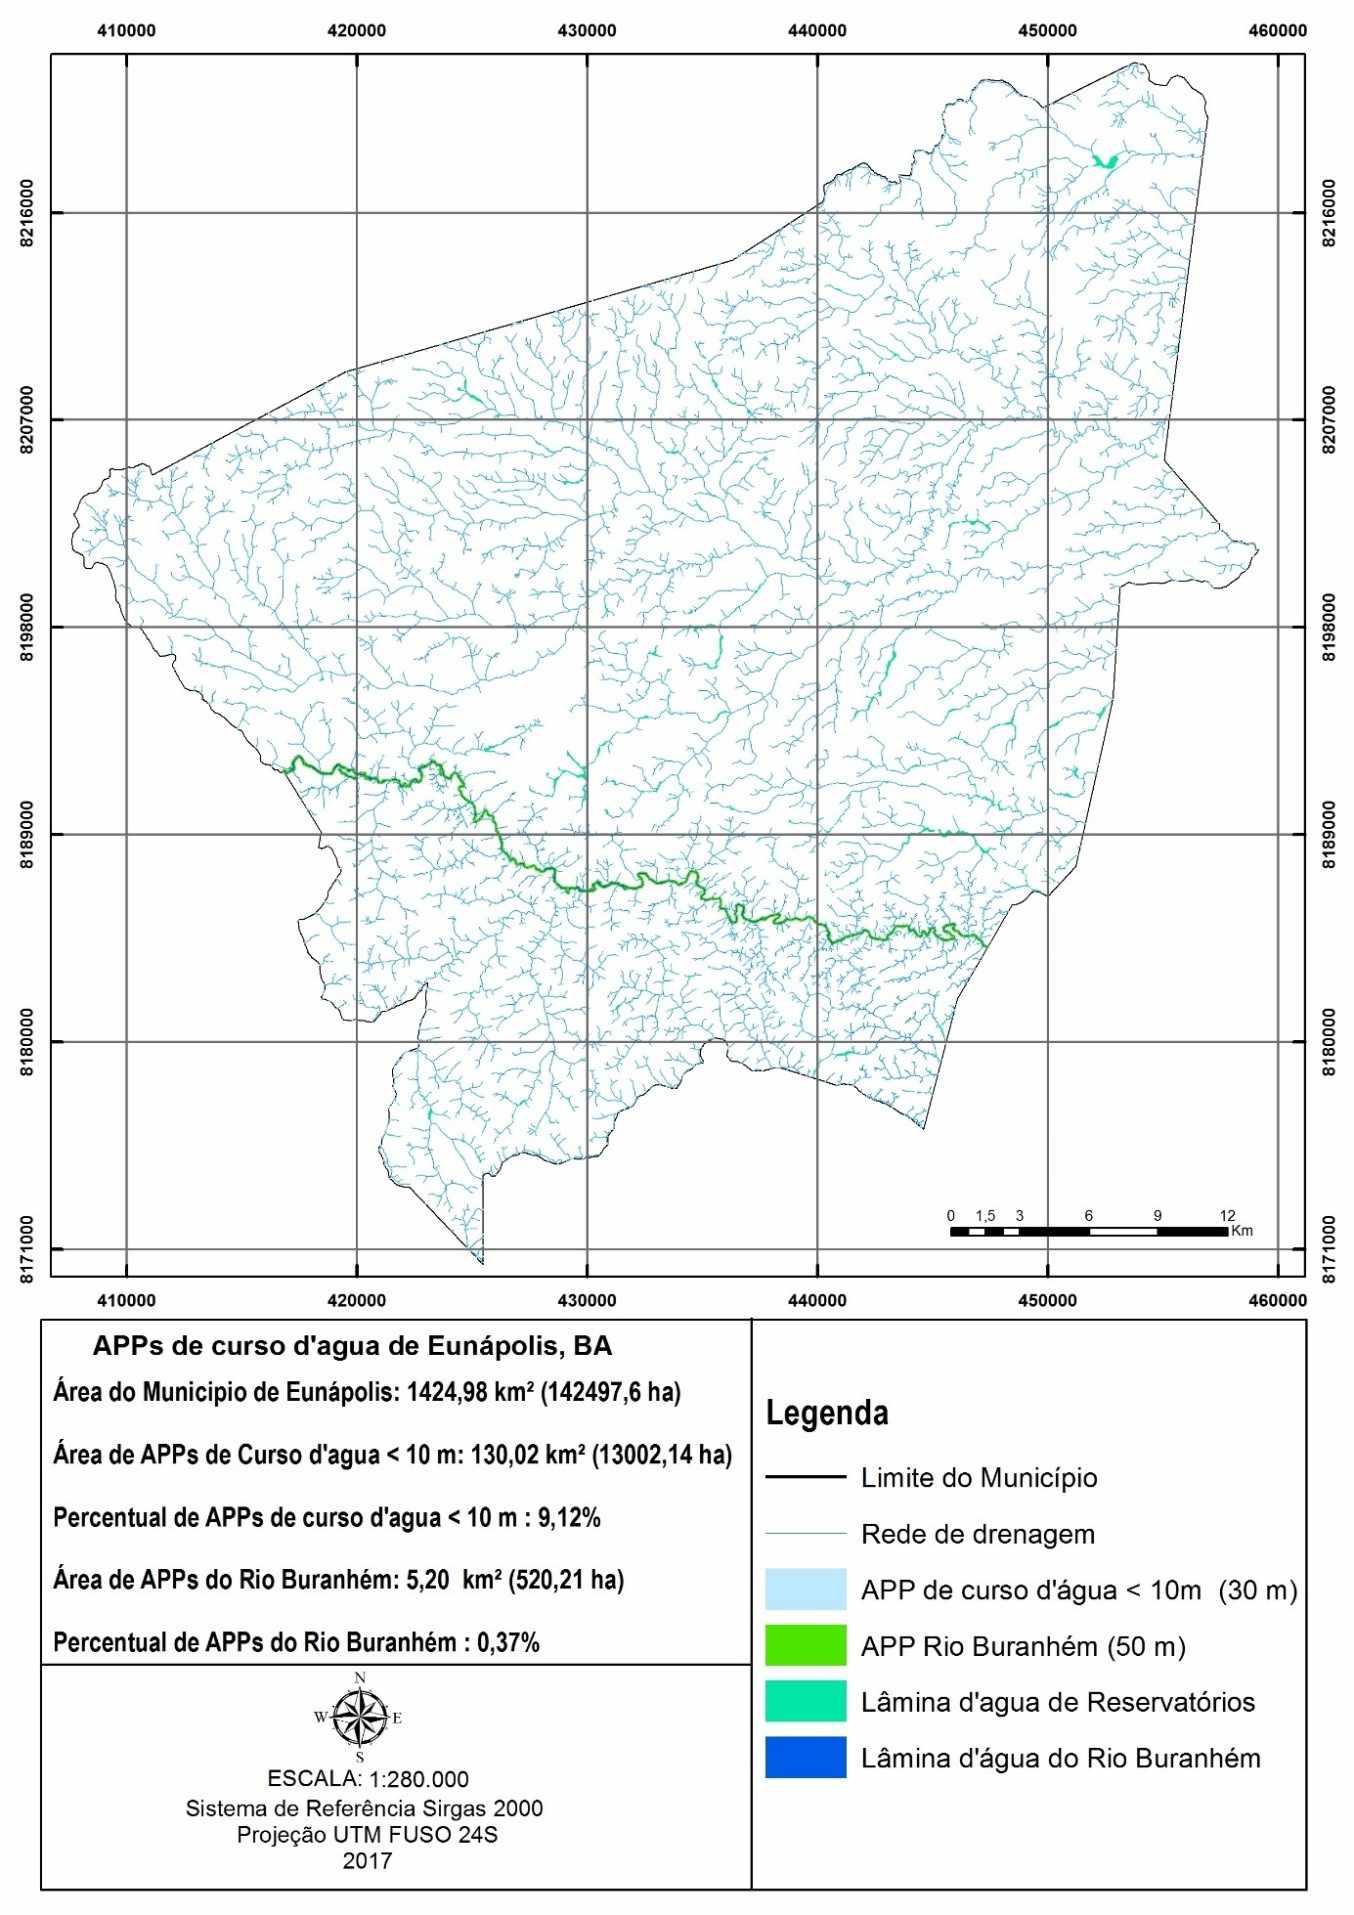 Área de preservação permanente dos cursos d'agua no município de Eunápolis, BA. Fonte: O autor